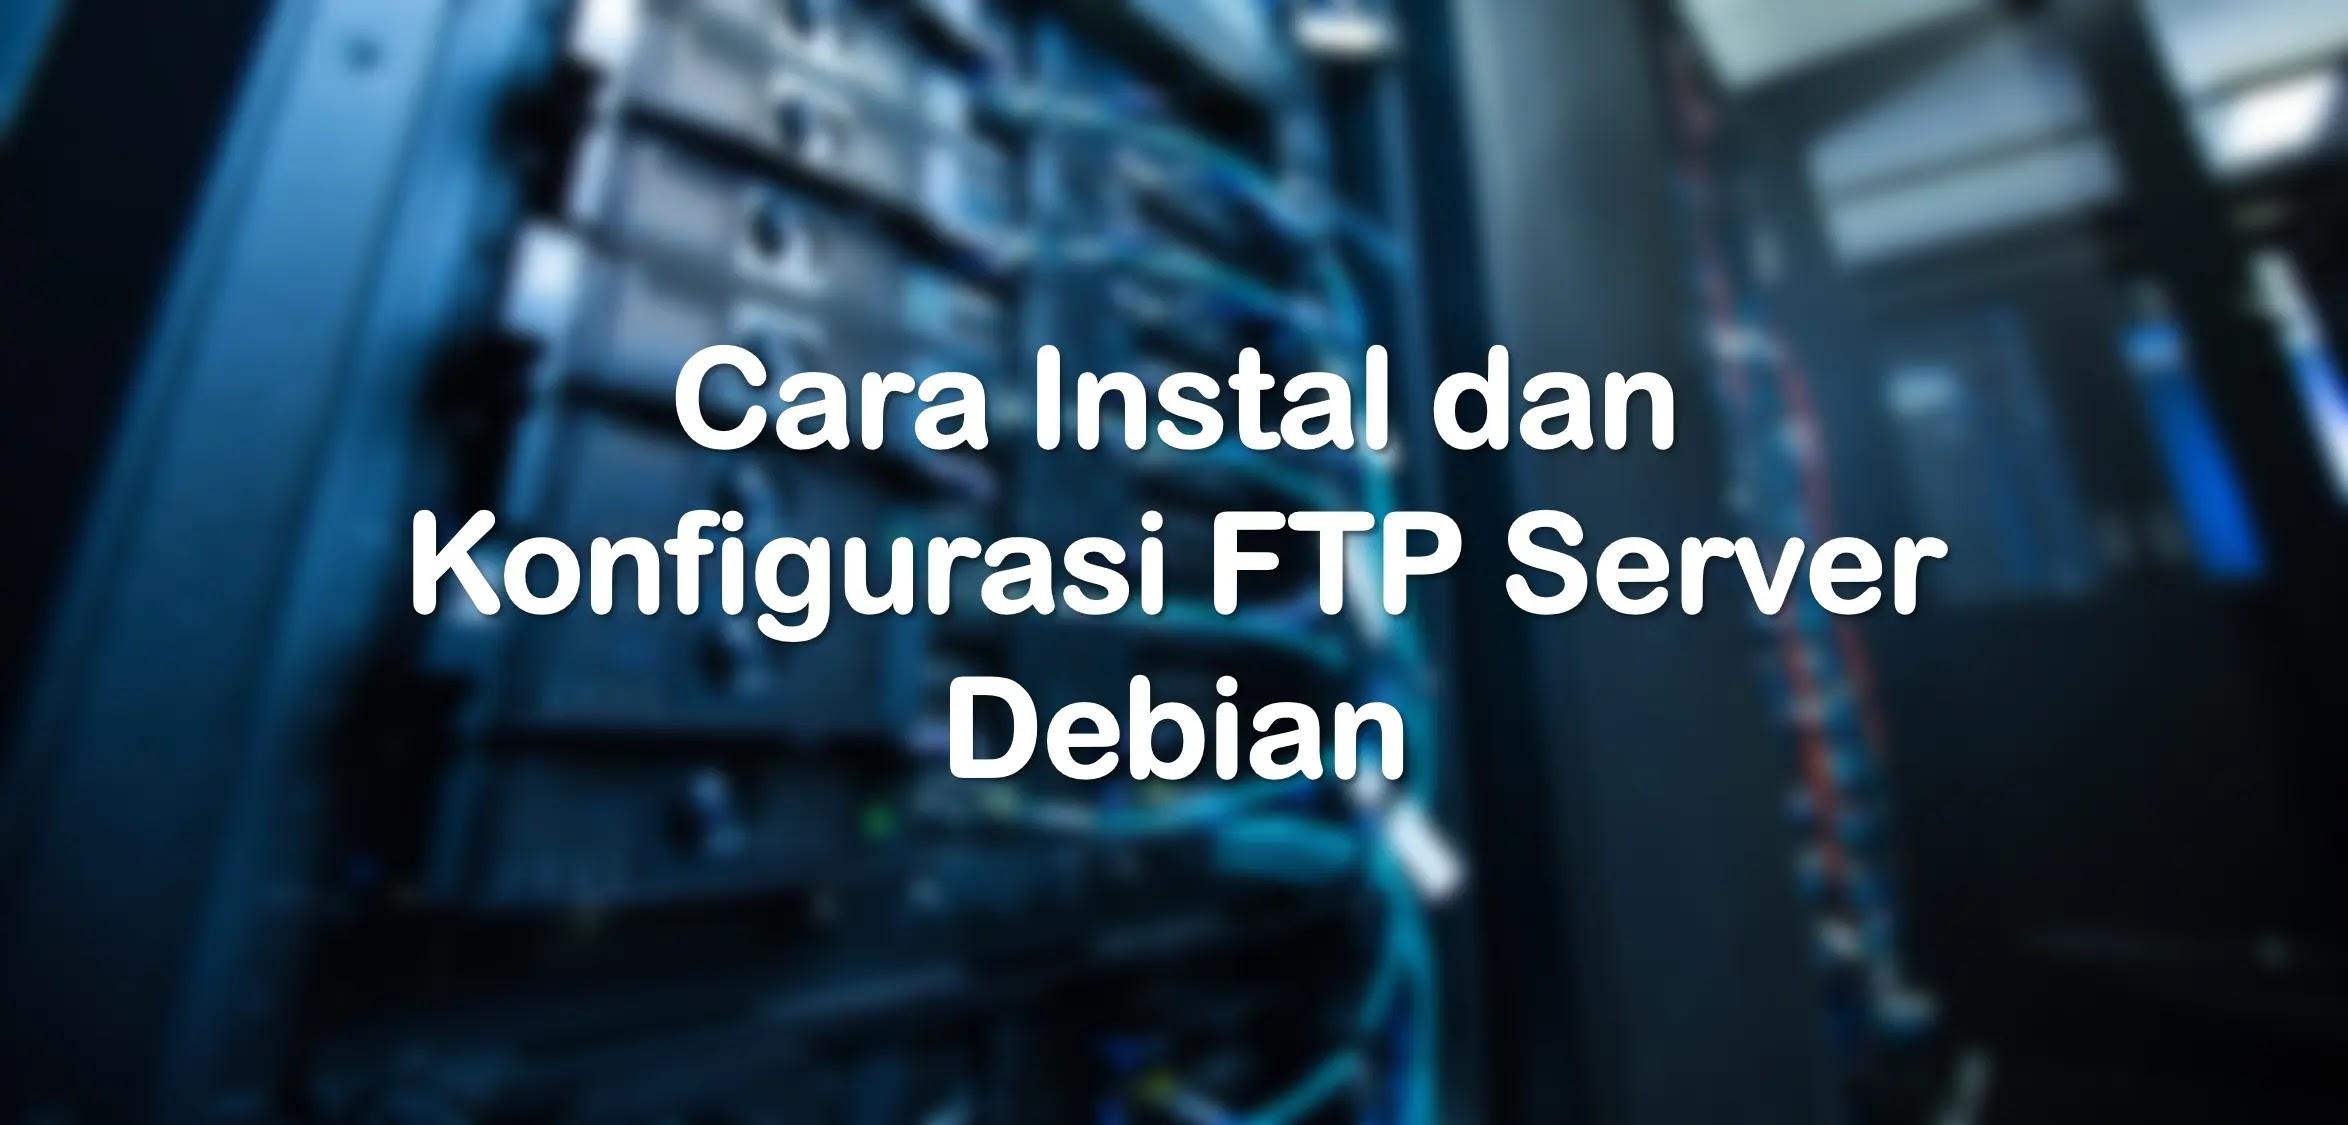 Cara Konfigurasi FTP Server